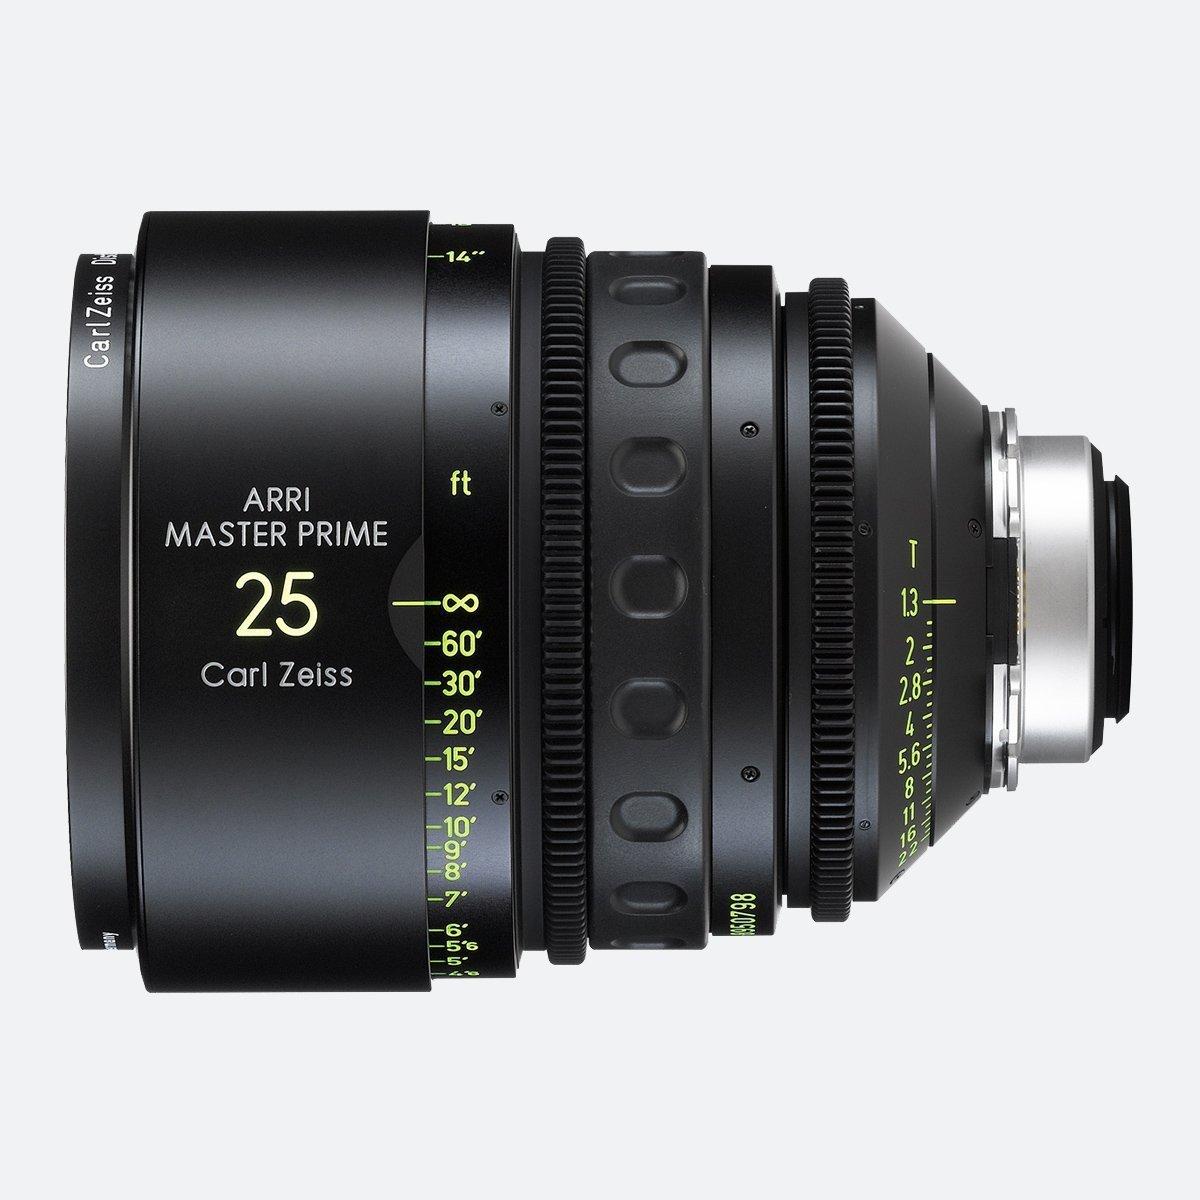 ARRI 25mm T1.3 Master Prime Lens